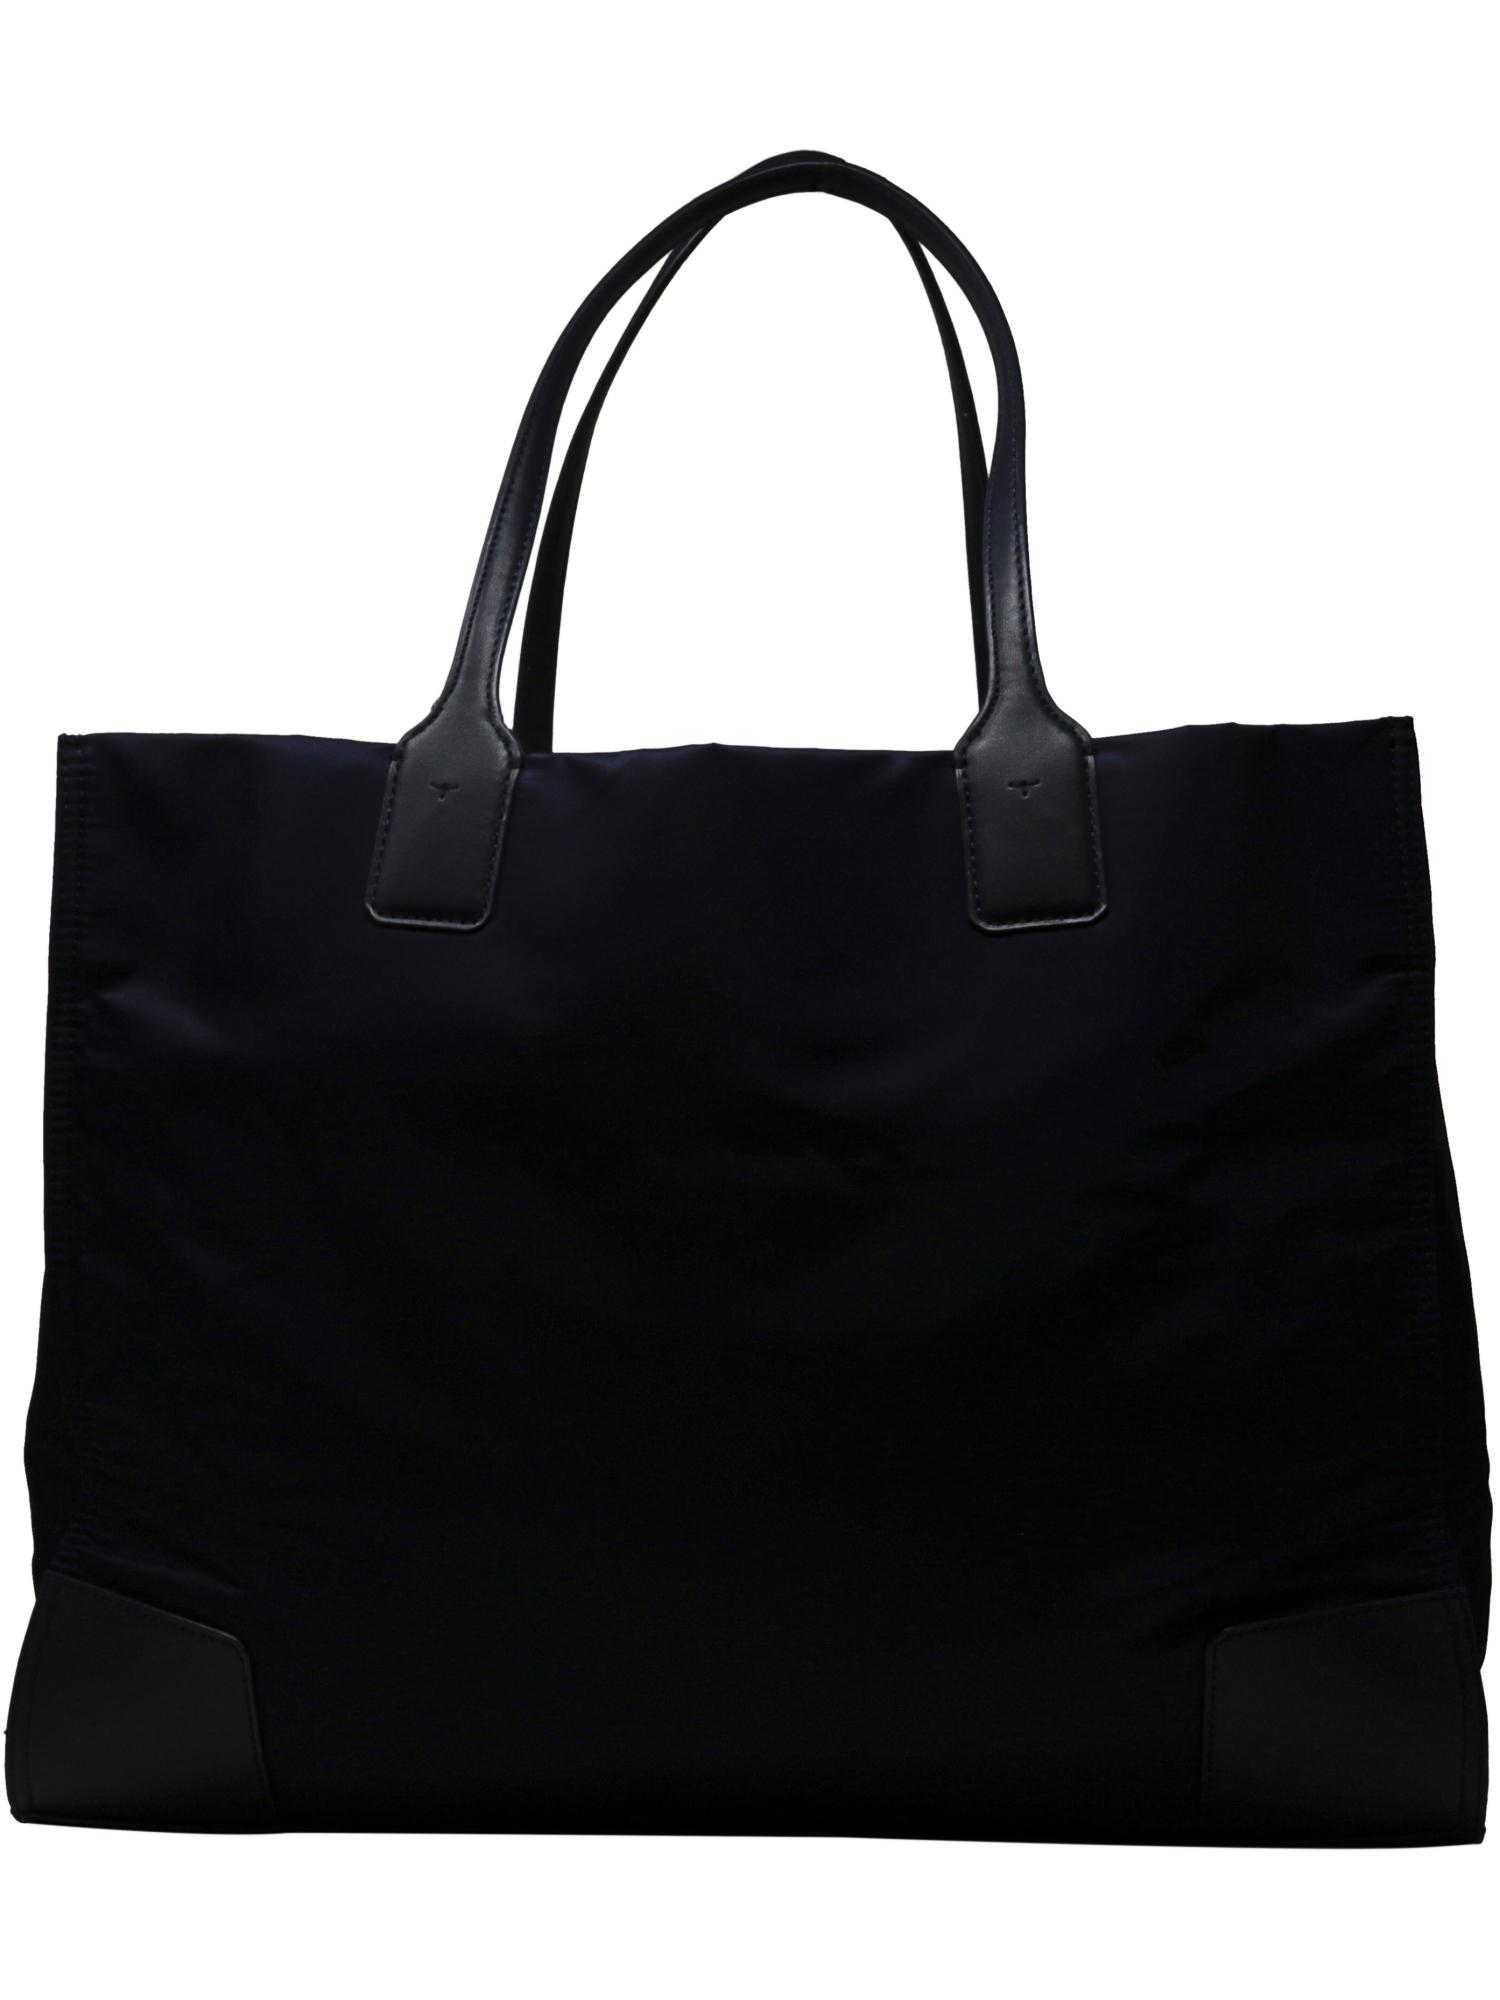 71861216b057 Tory Burch Women s Ella Nylon Top-Handle Bag Tote